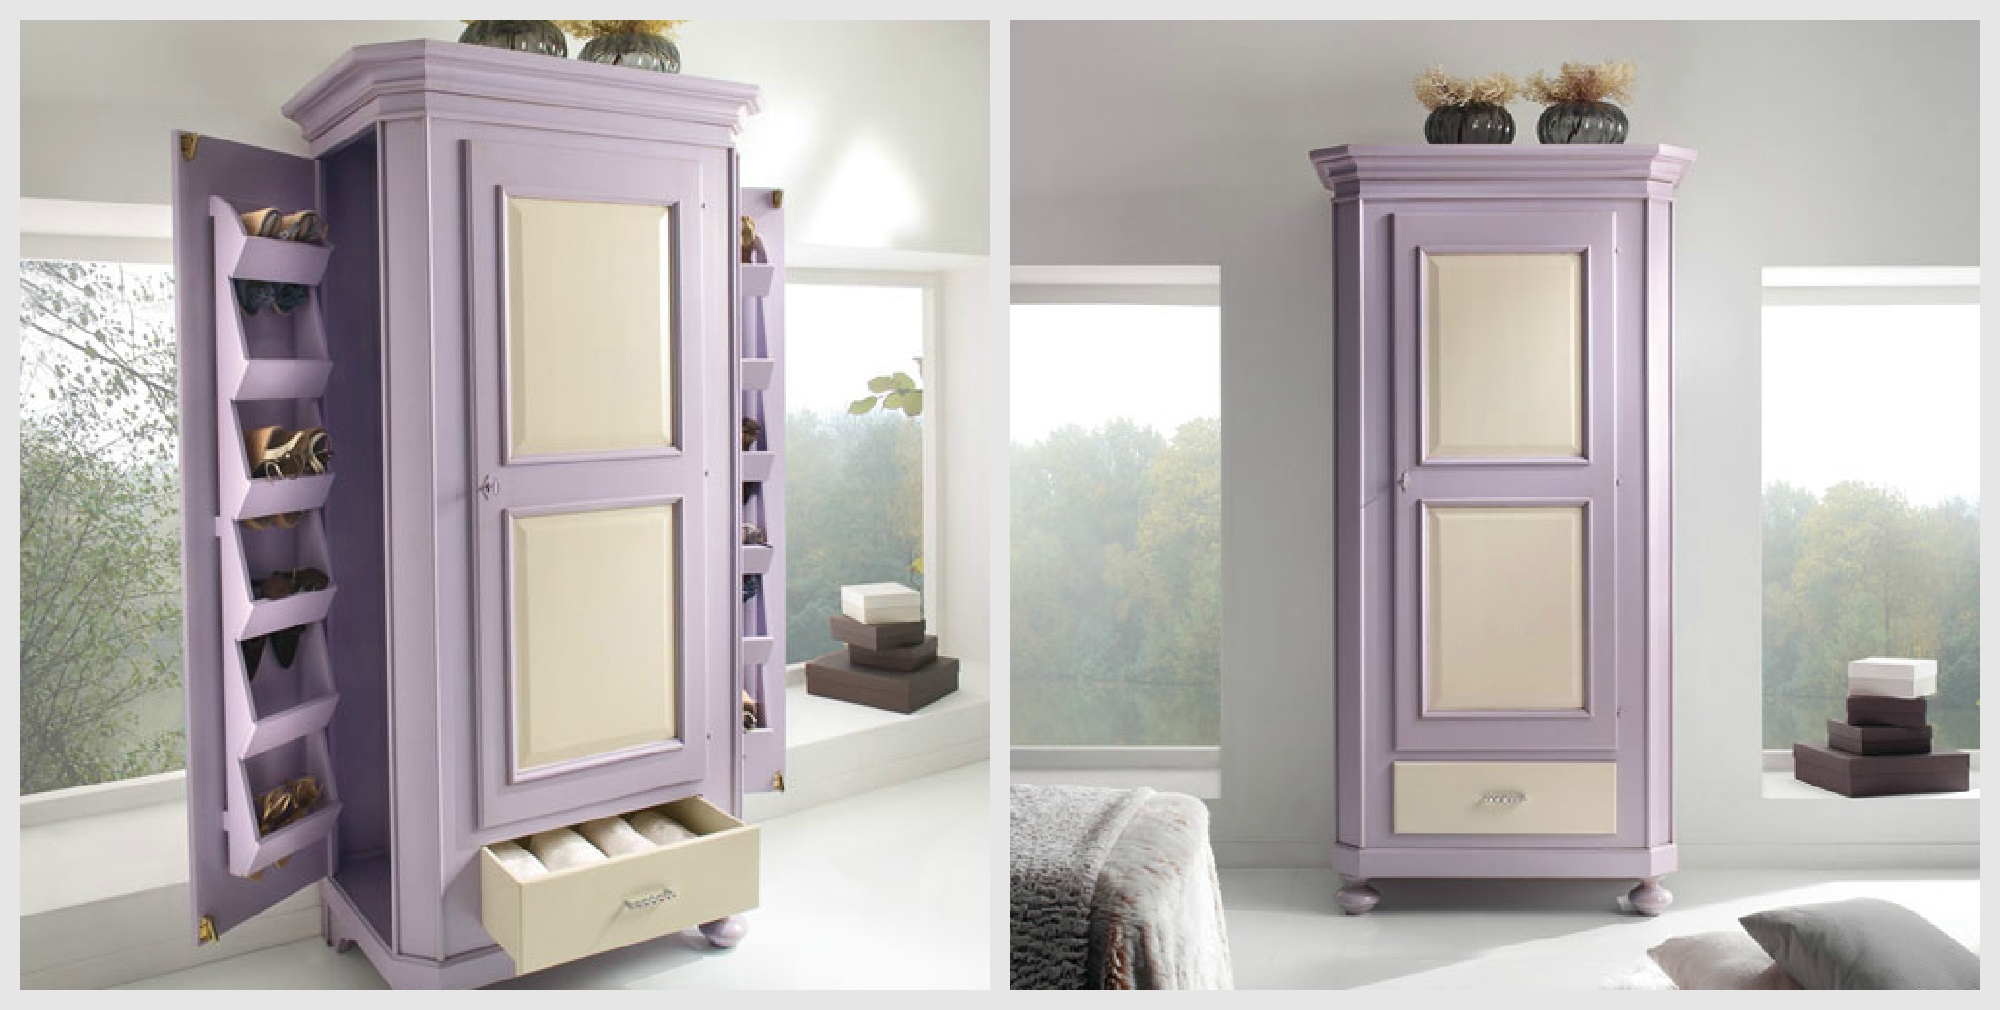 Scarpiera in legno pattinata avorio e lilla armadi a - Porte color avorio ...